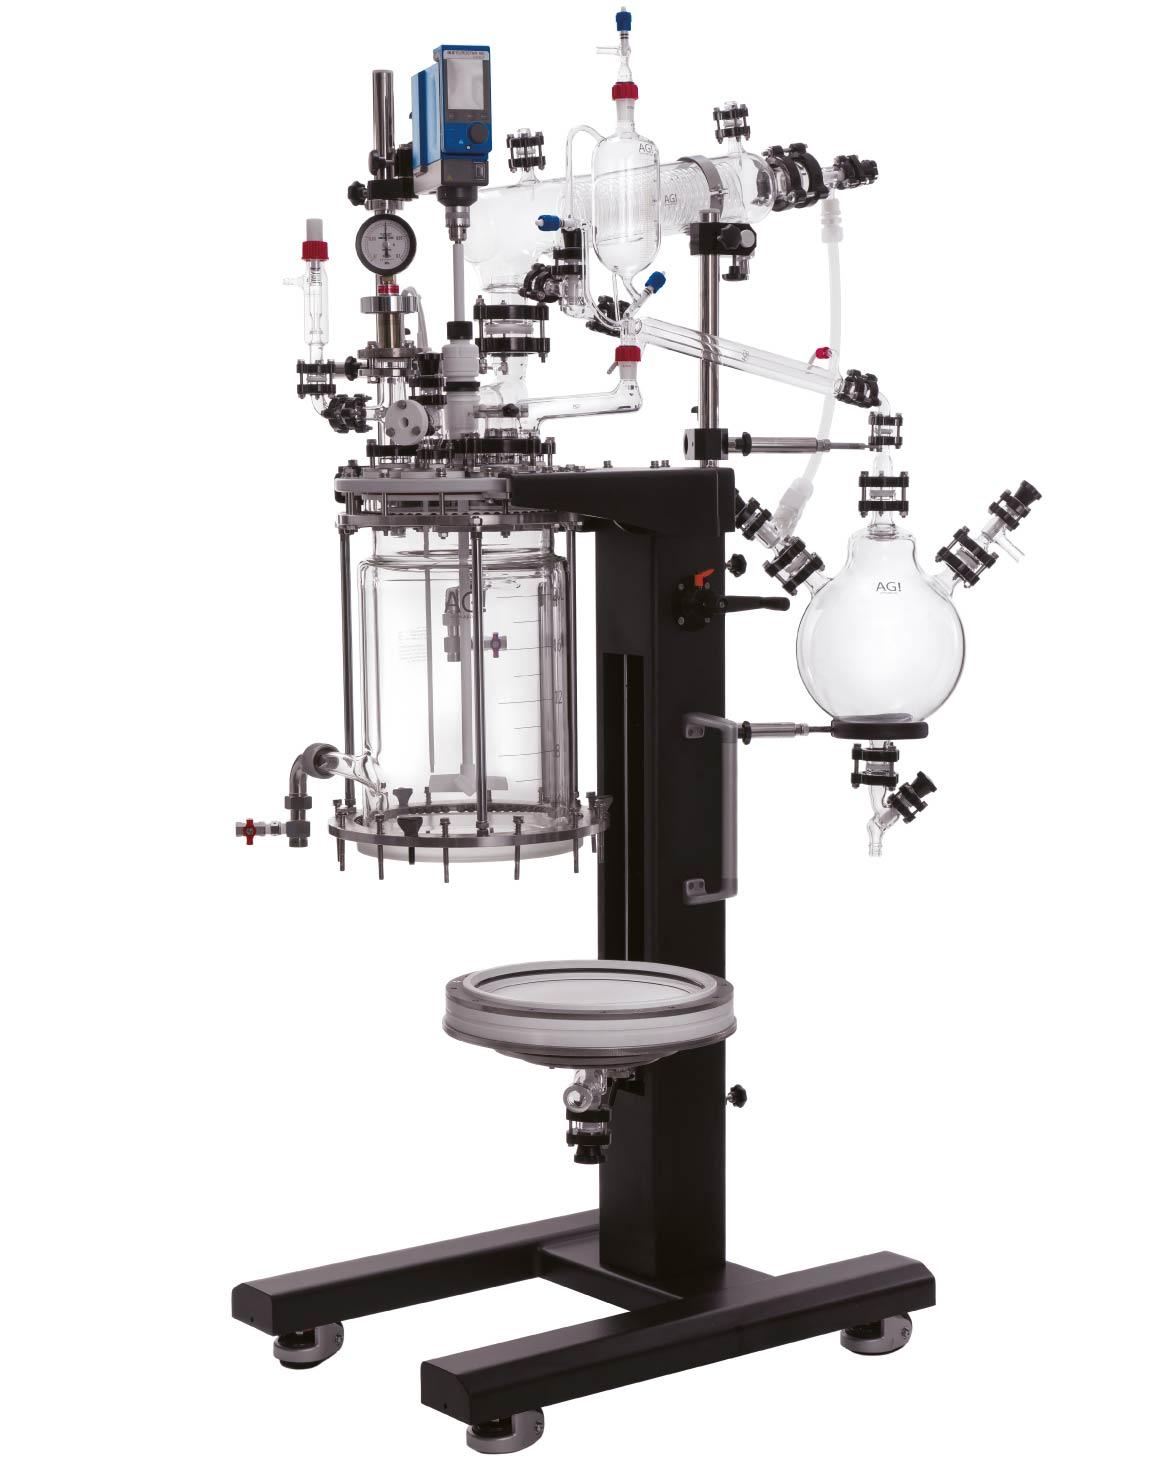 AGI Pilot Filter Reactor